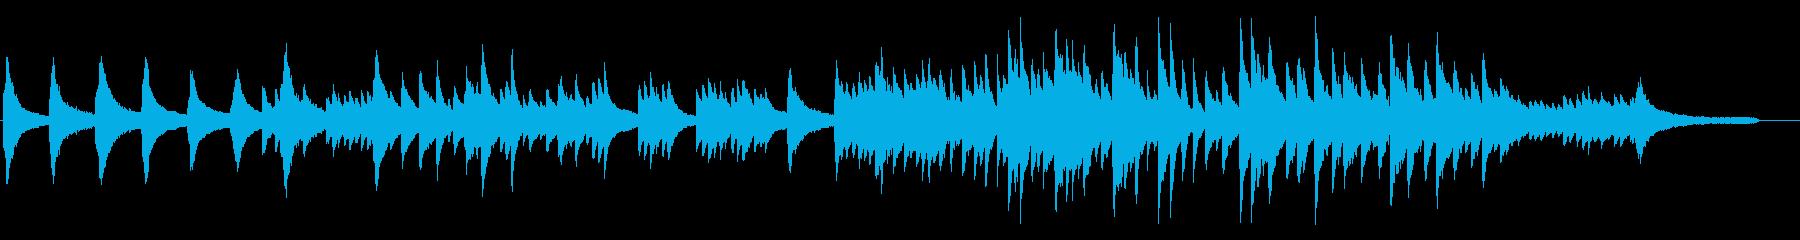 待ち侘びた朝をイメージしたピアノBGMの再生済みの波形